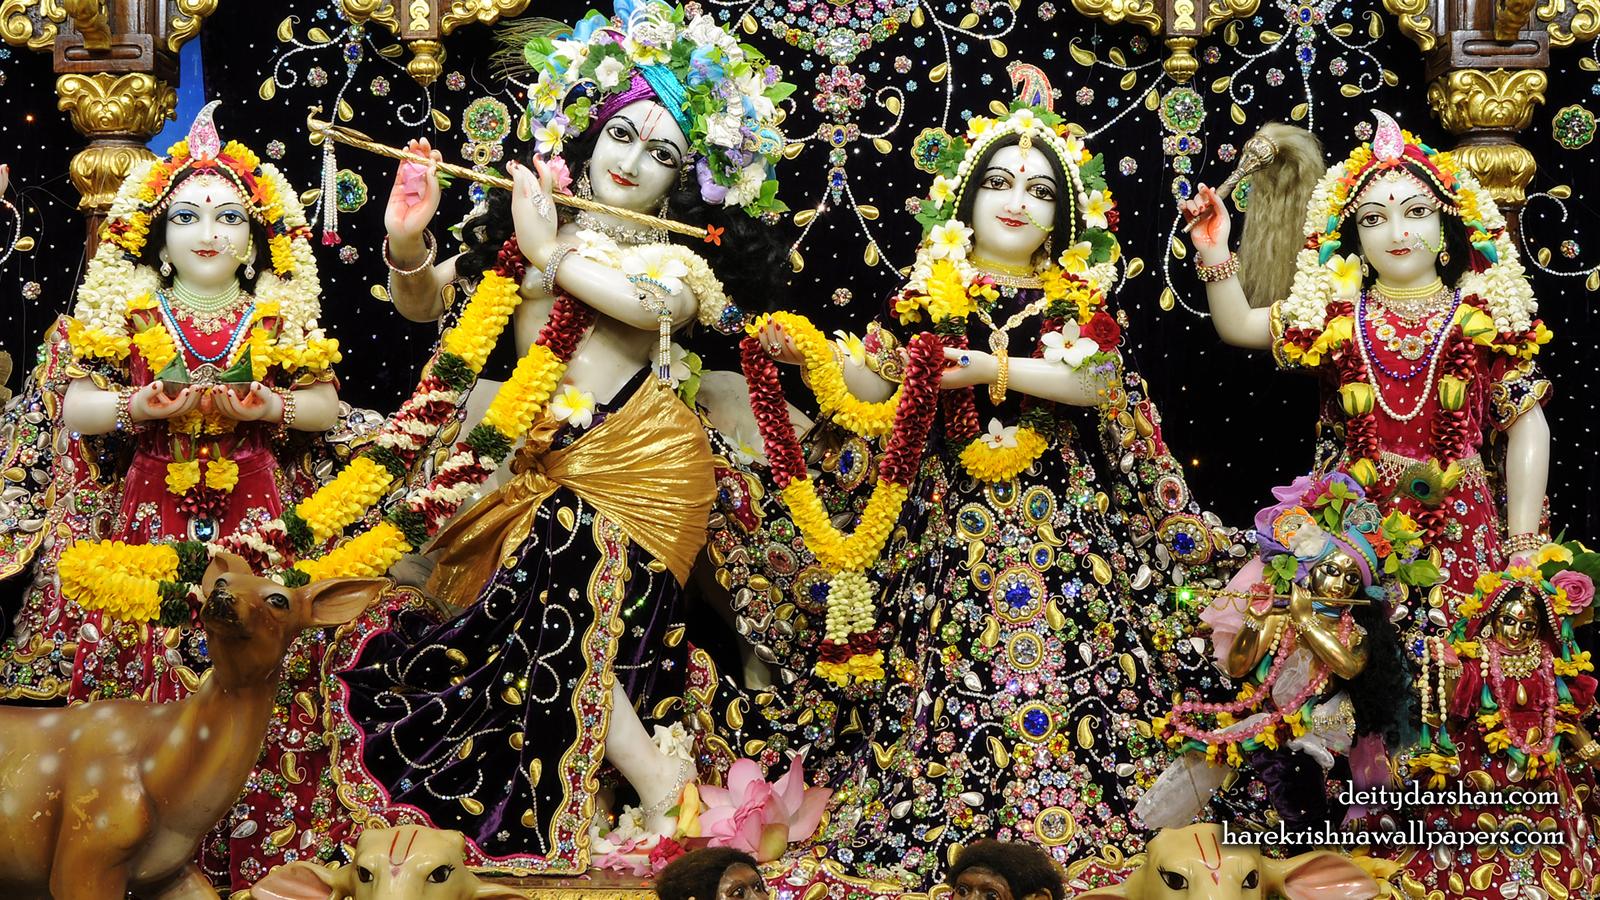 Sri Sri Radha Gopinath Lalita Vishakha Wallpaper (071) Size 1600x900 Download